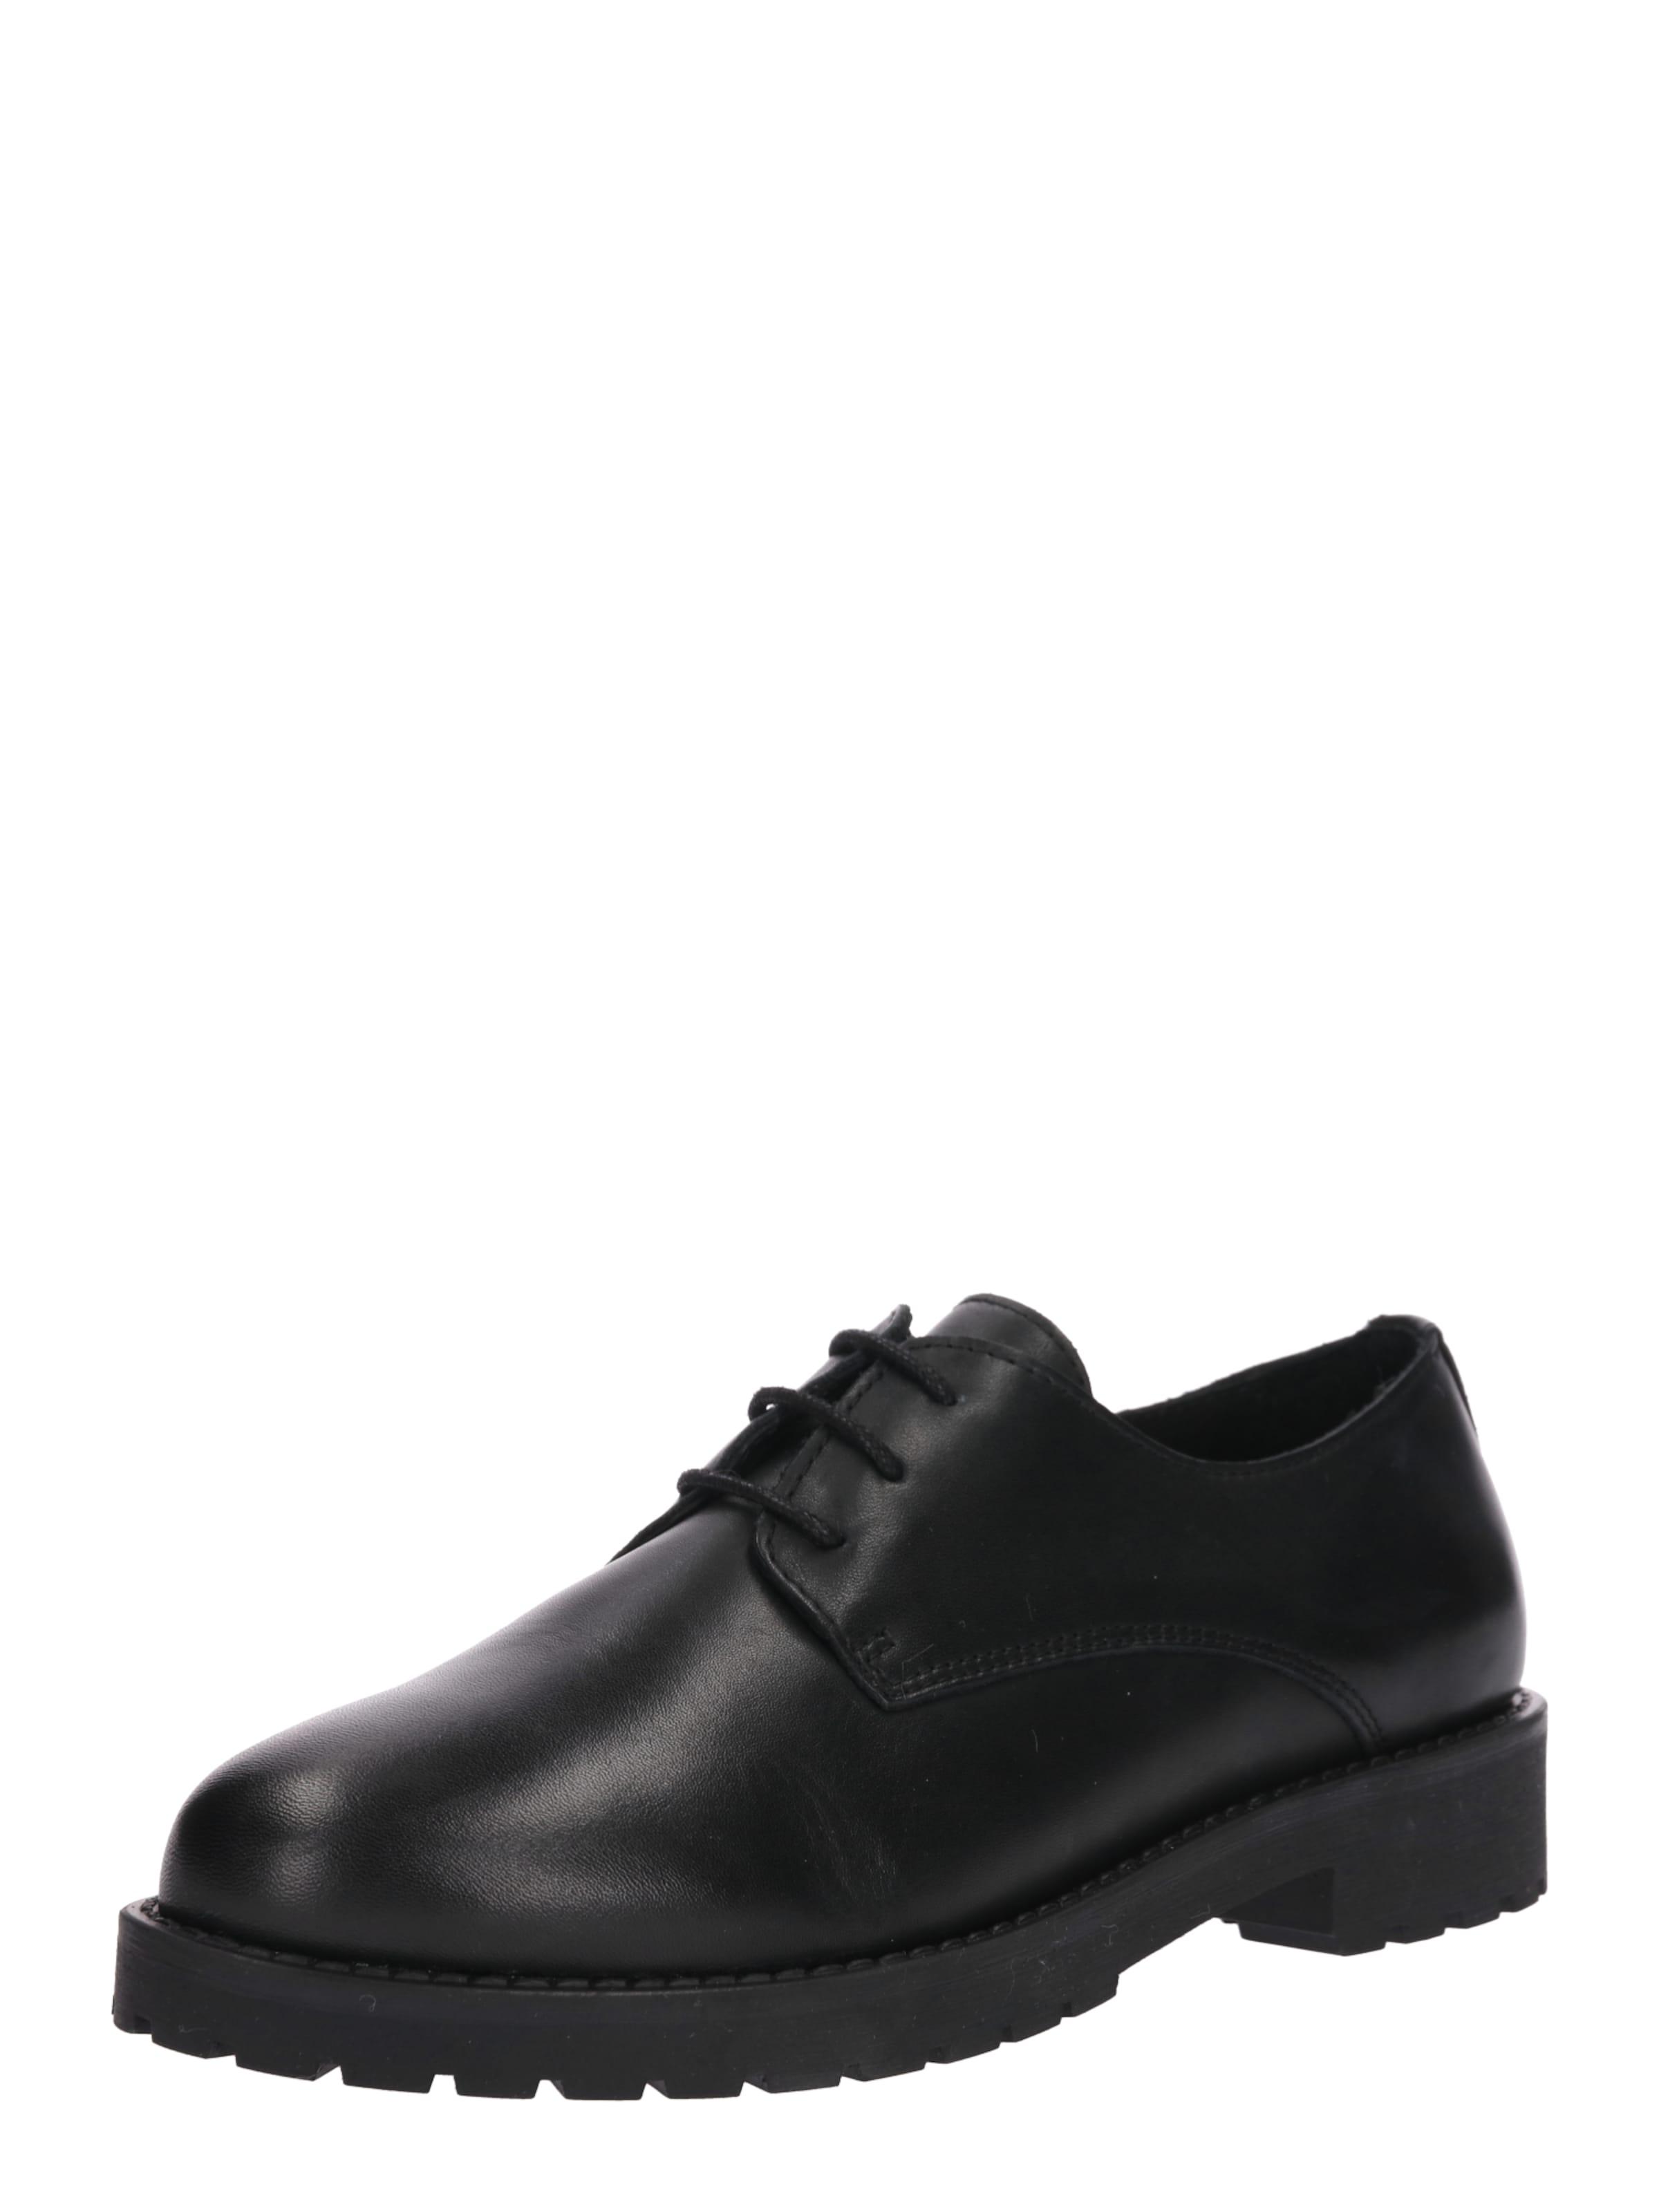 ABOUT YOU Schnürschuhe Rania Verschleißfeste billige Schuhe